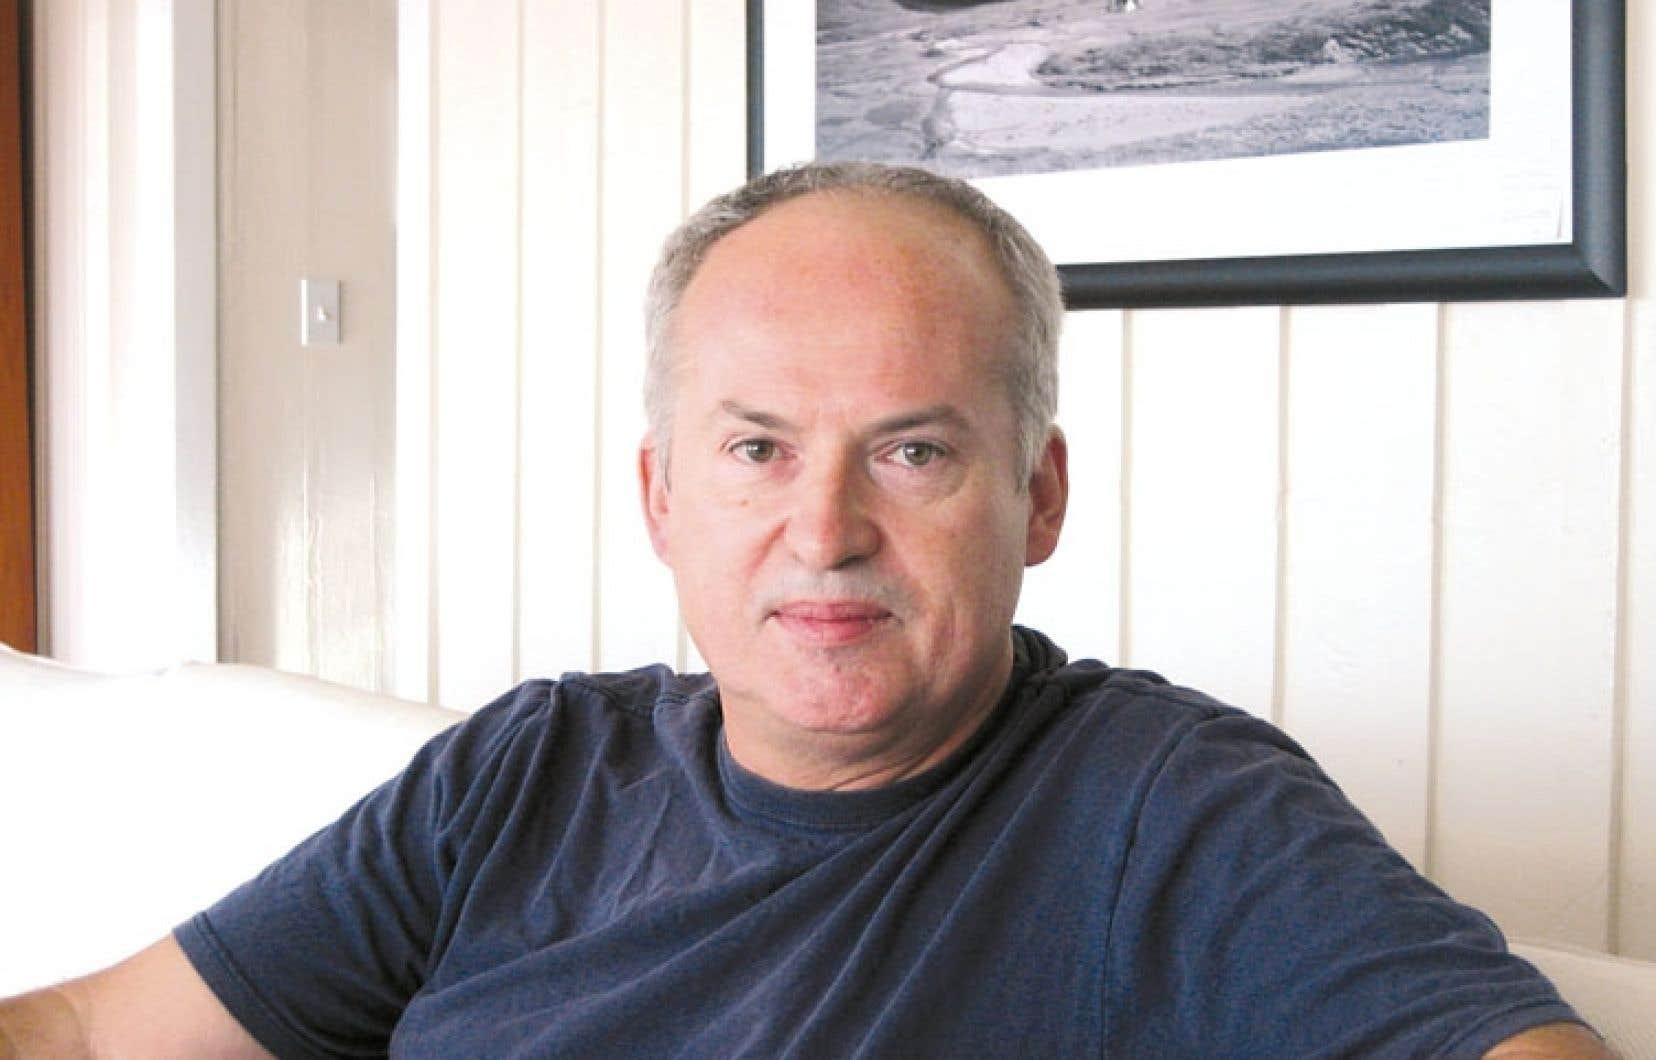 « Pour moi, il s'agit d'une grande reconnaissance qui arrive pile dans un creux professionnel », confie l'écrivain Josip Novakovich.